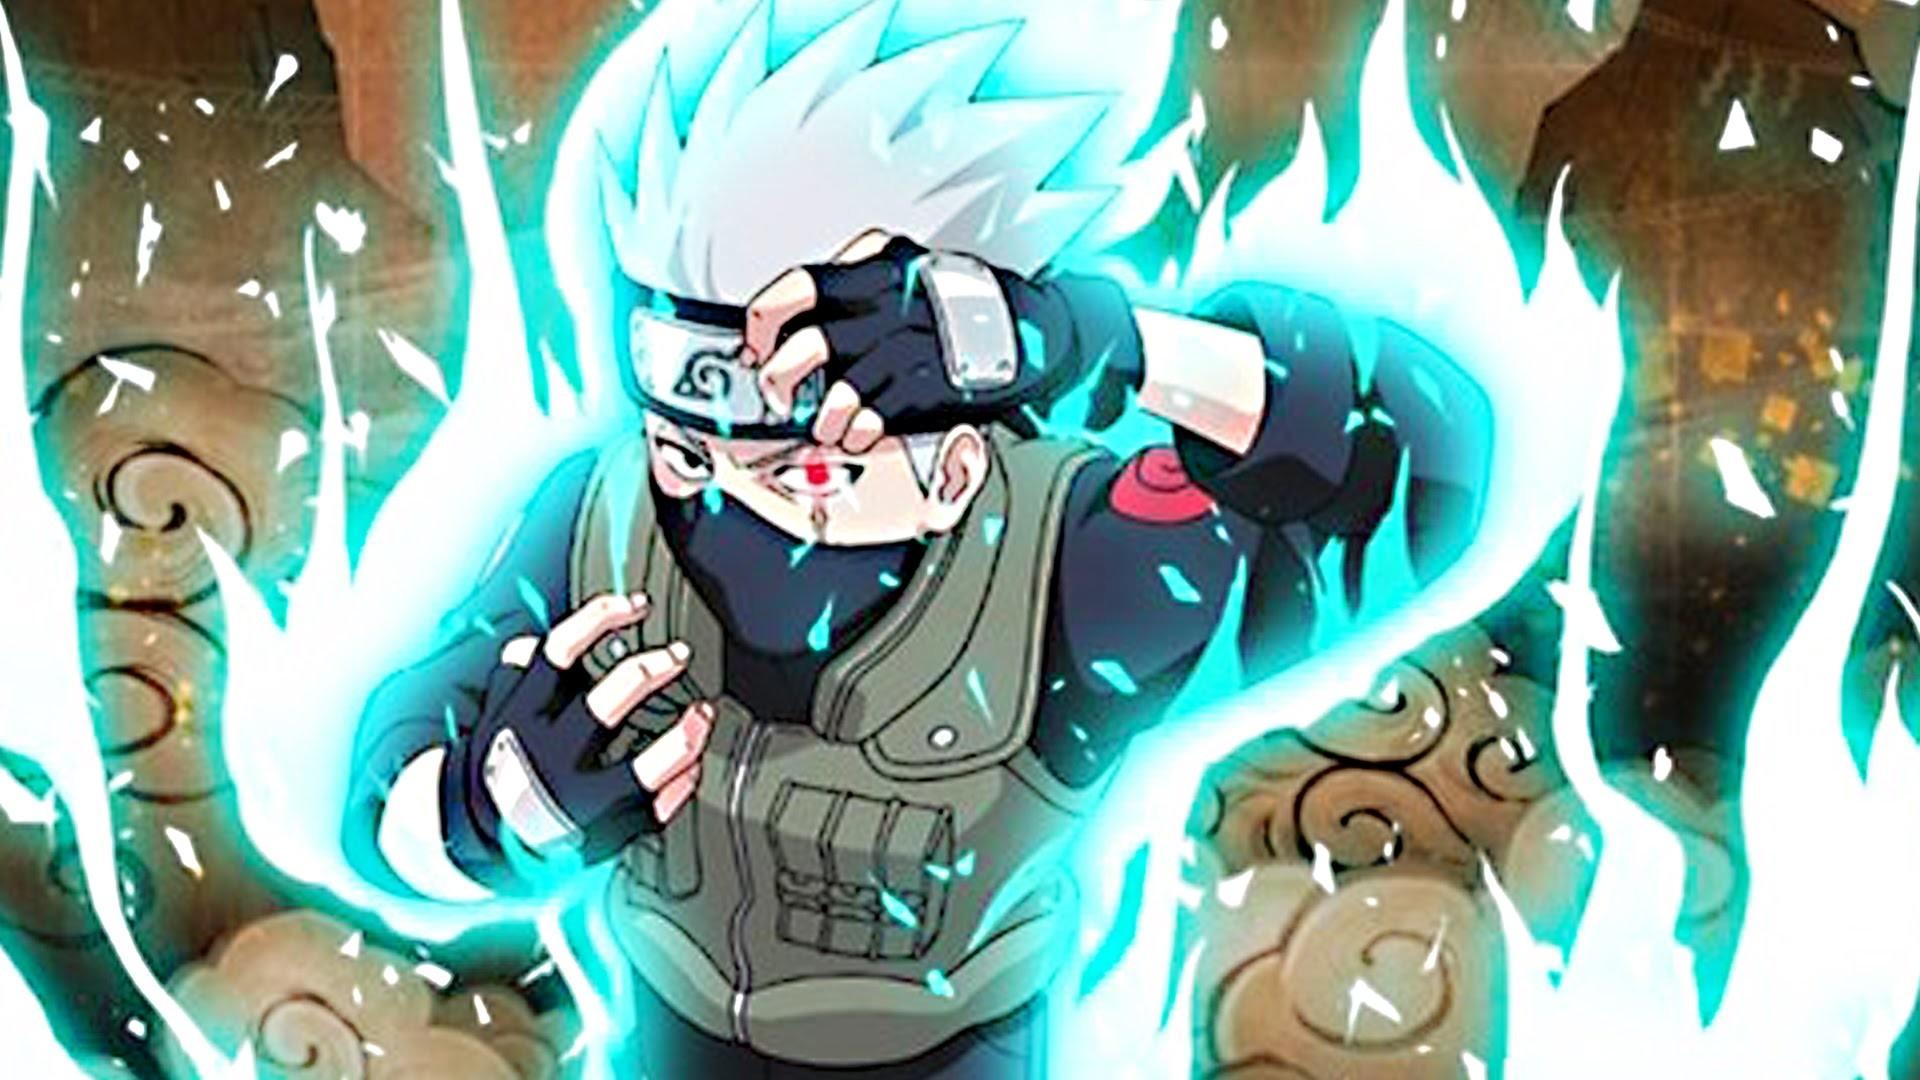 Zabuza Momochi Silent Madness 6  Naruto Shippuden